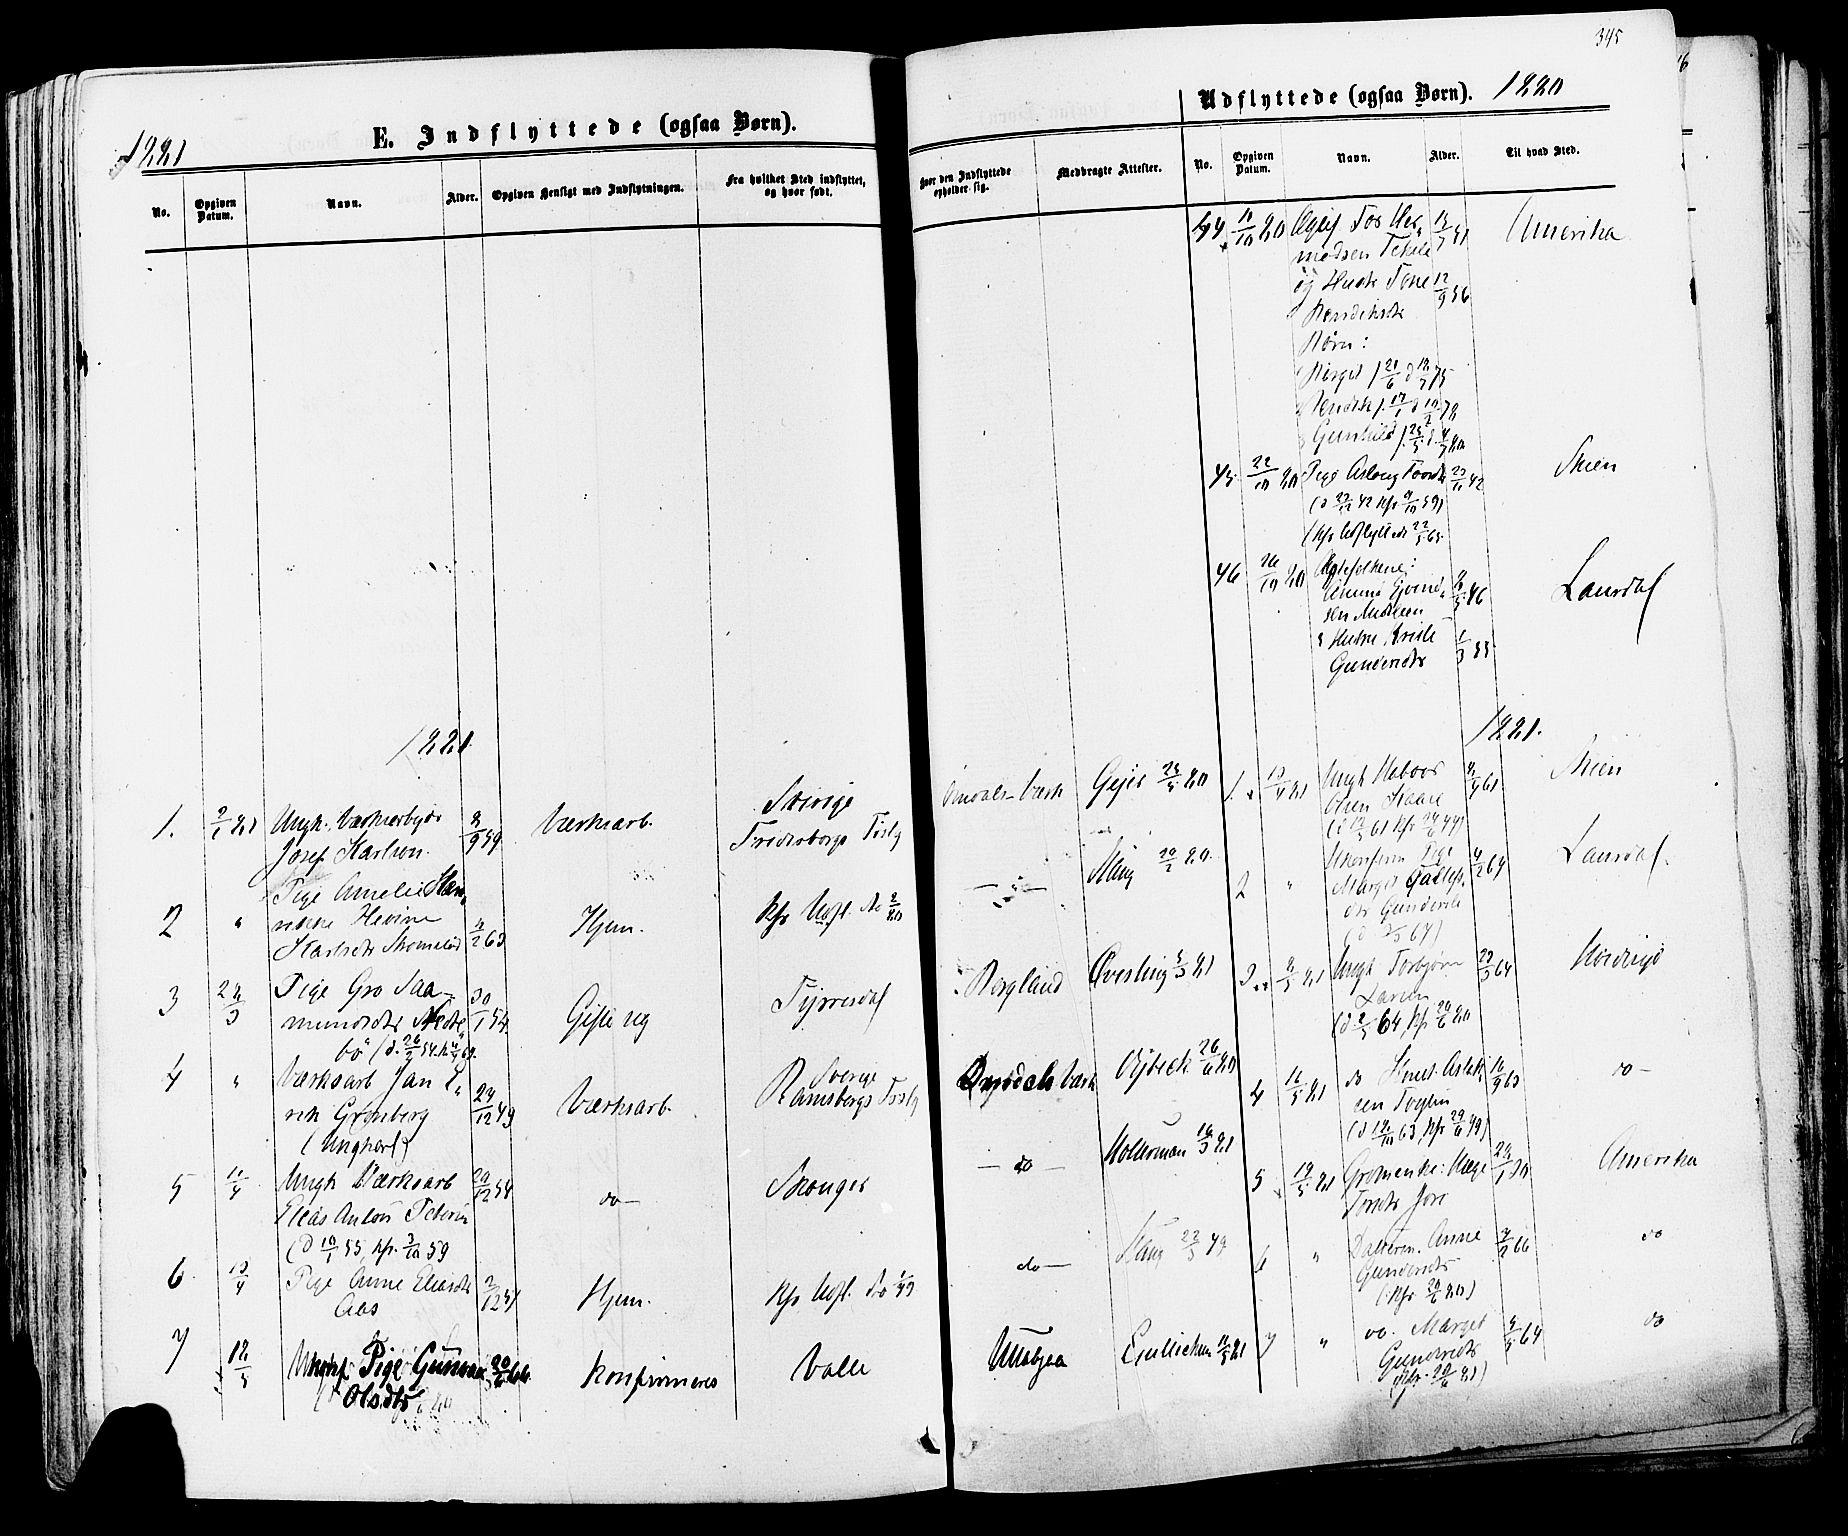 SAKO, Mo kirkebøker, F/Fa/L0006: Ministerialbok nr. I 6, 1865-1885, s. 345